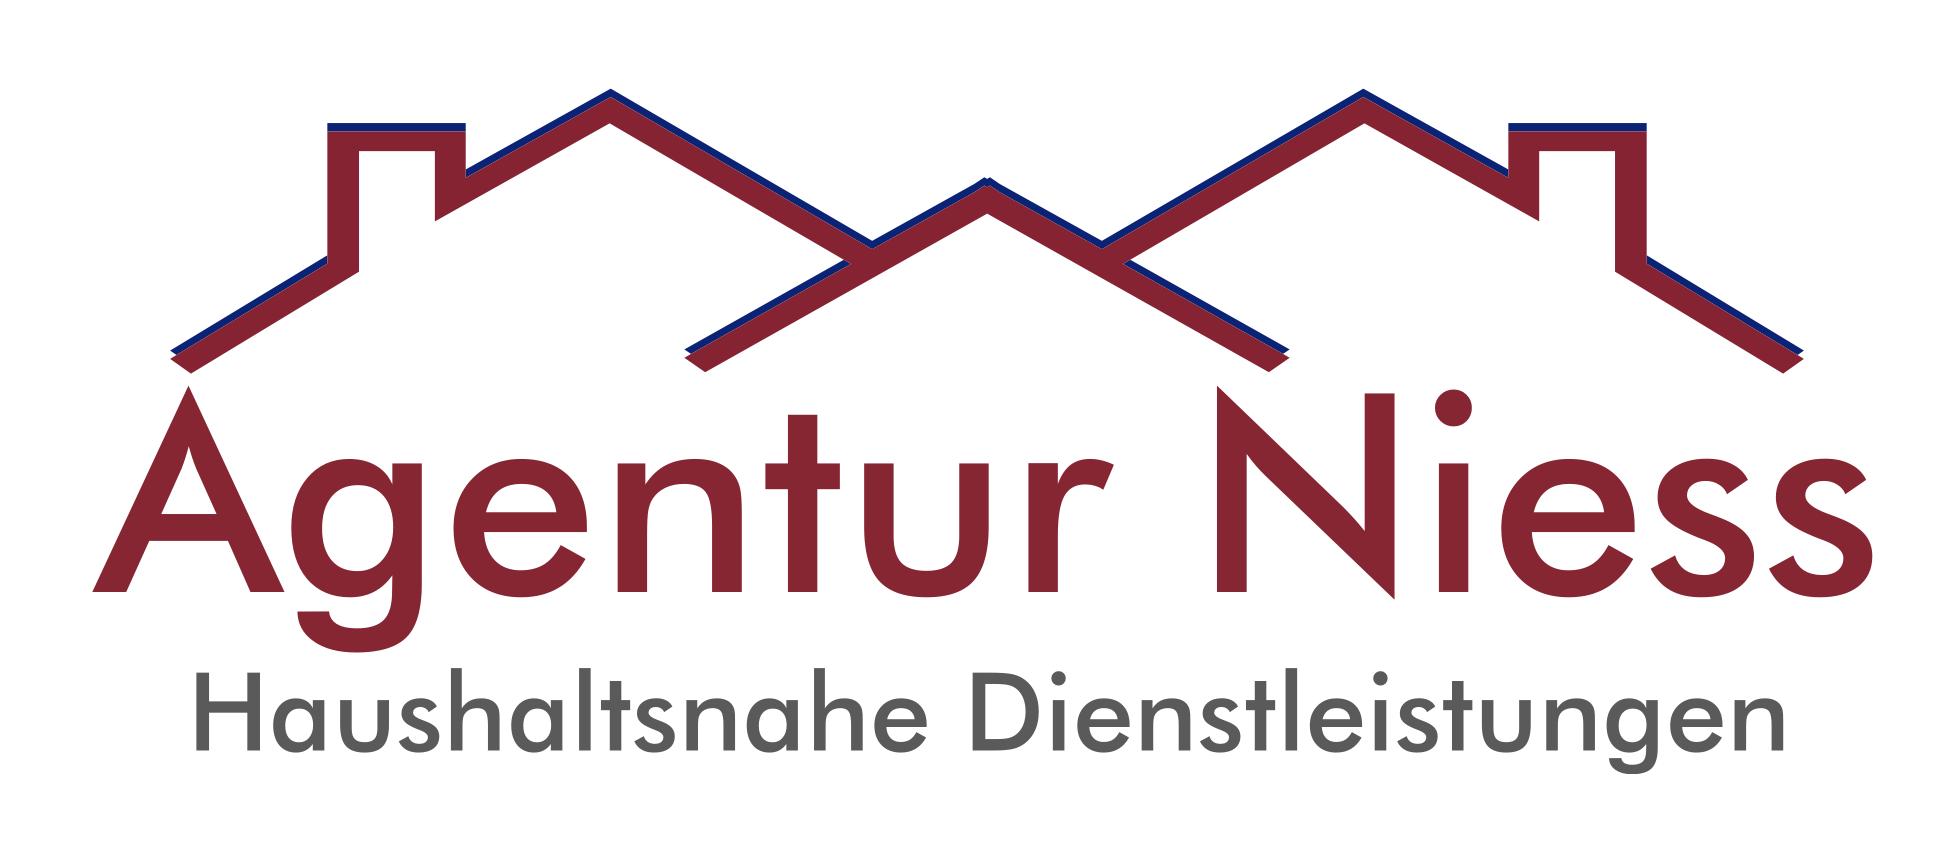 Agentur Niess – Ihr Spezialist für haushaltsnahe Dienstleistungen.